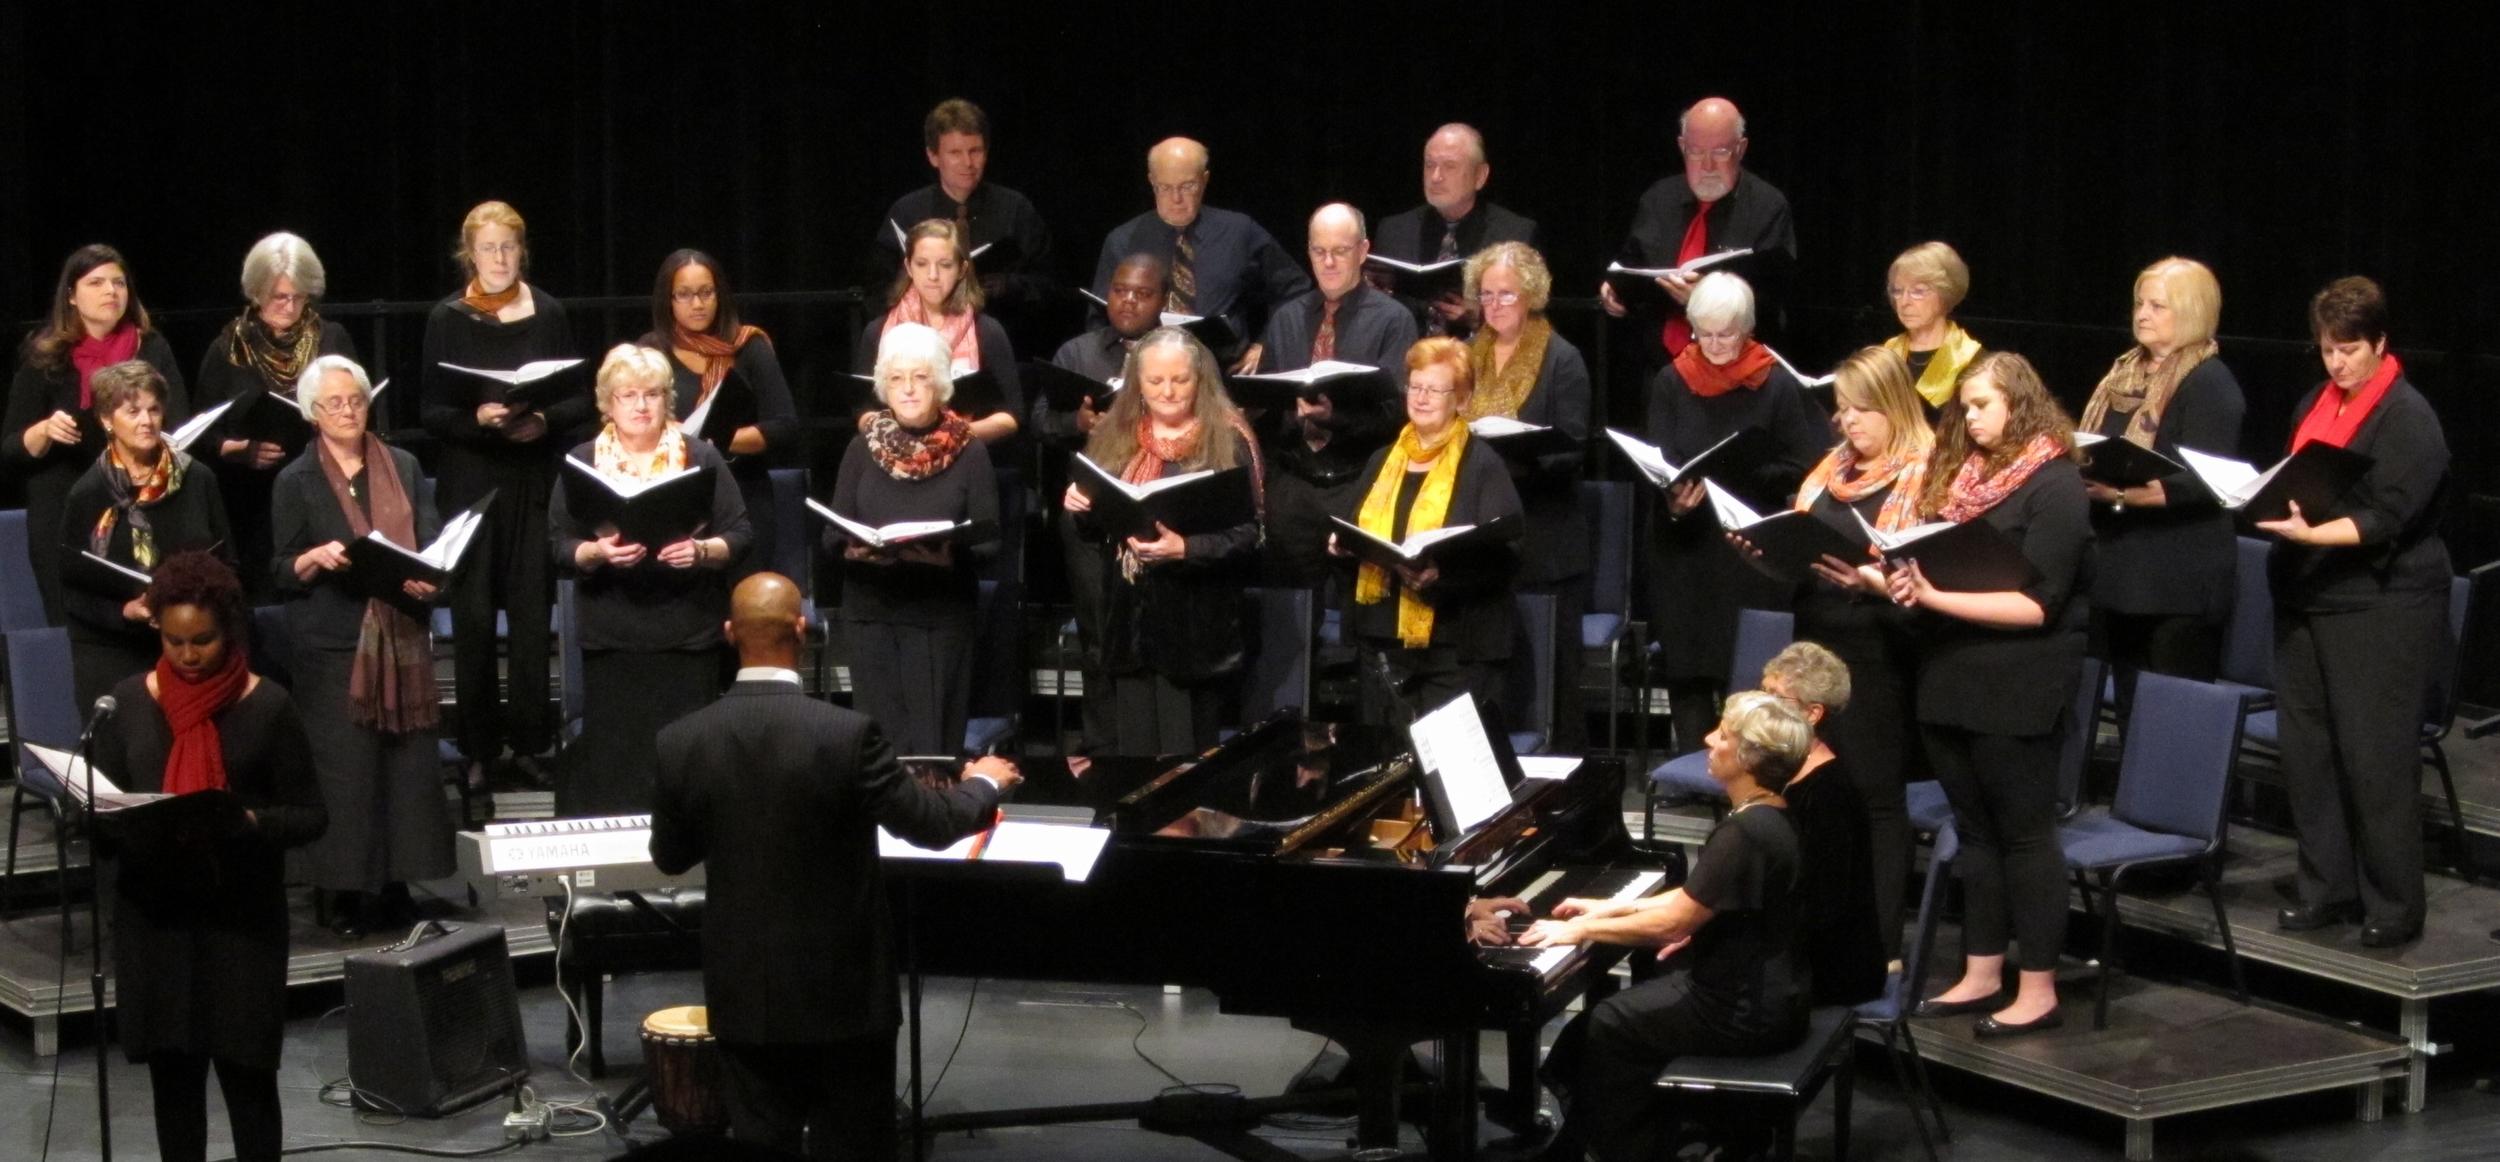 PV Choir 4.jpg